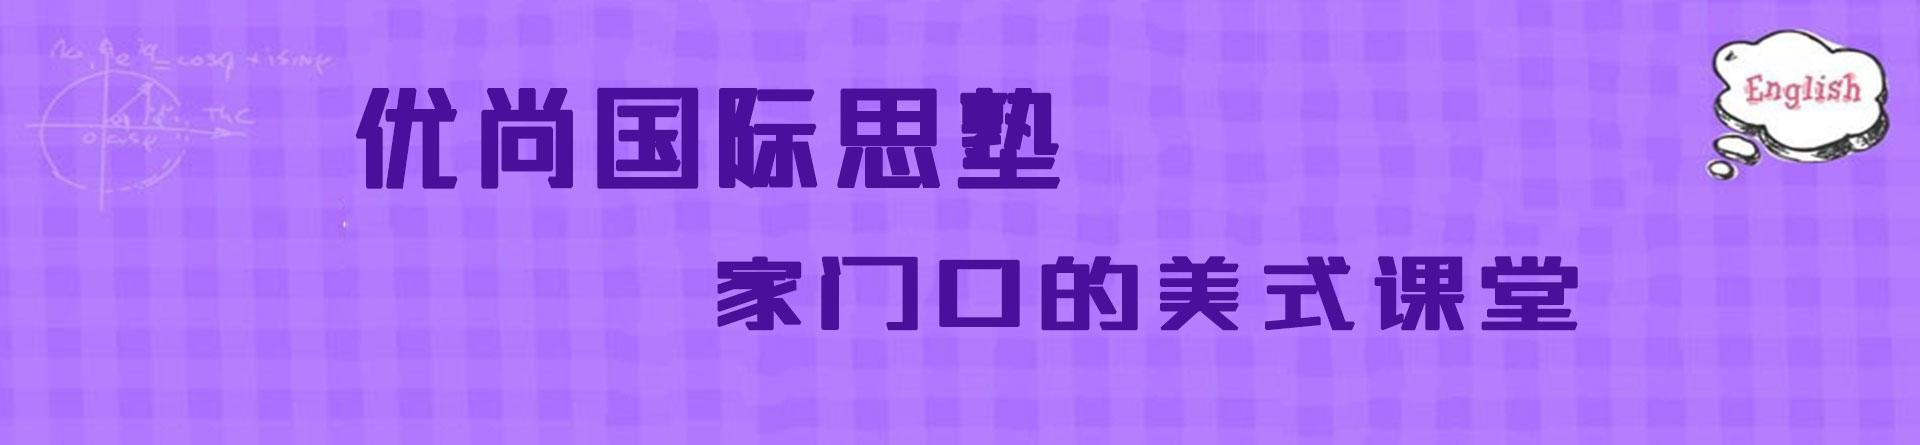 郑州优尚国际思塾